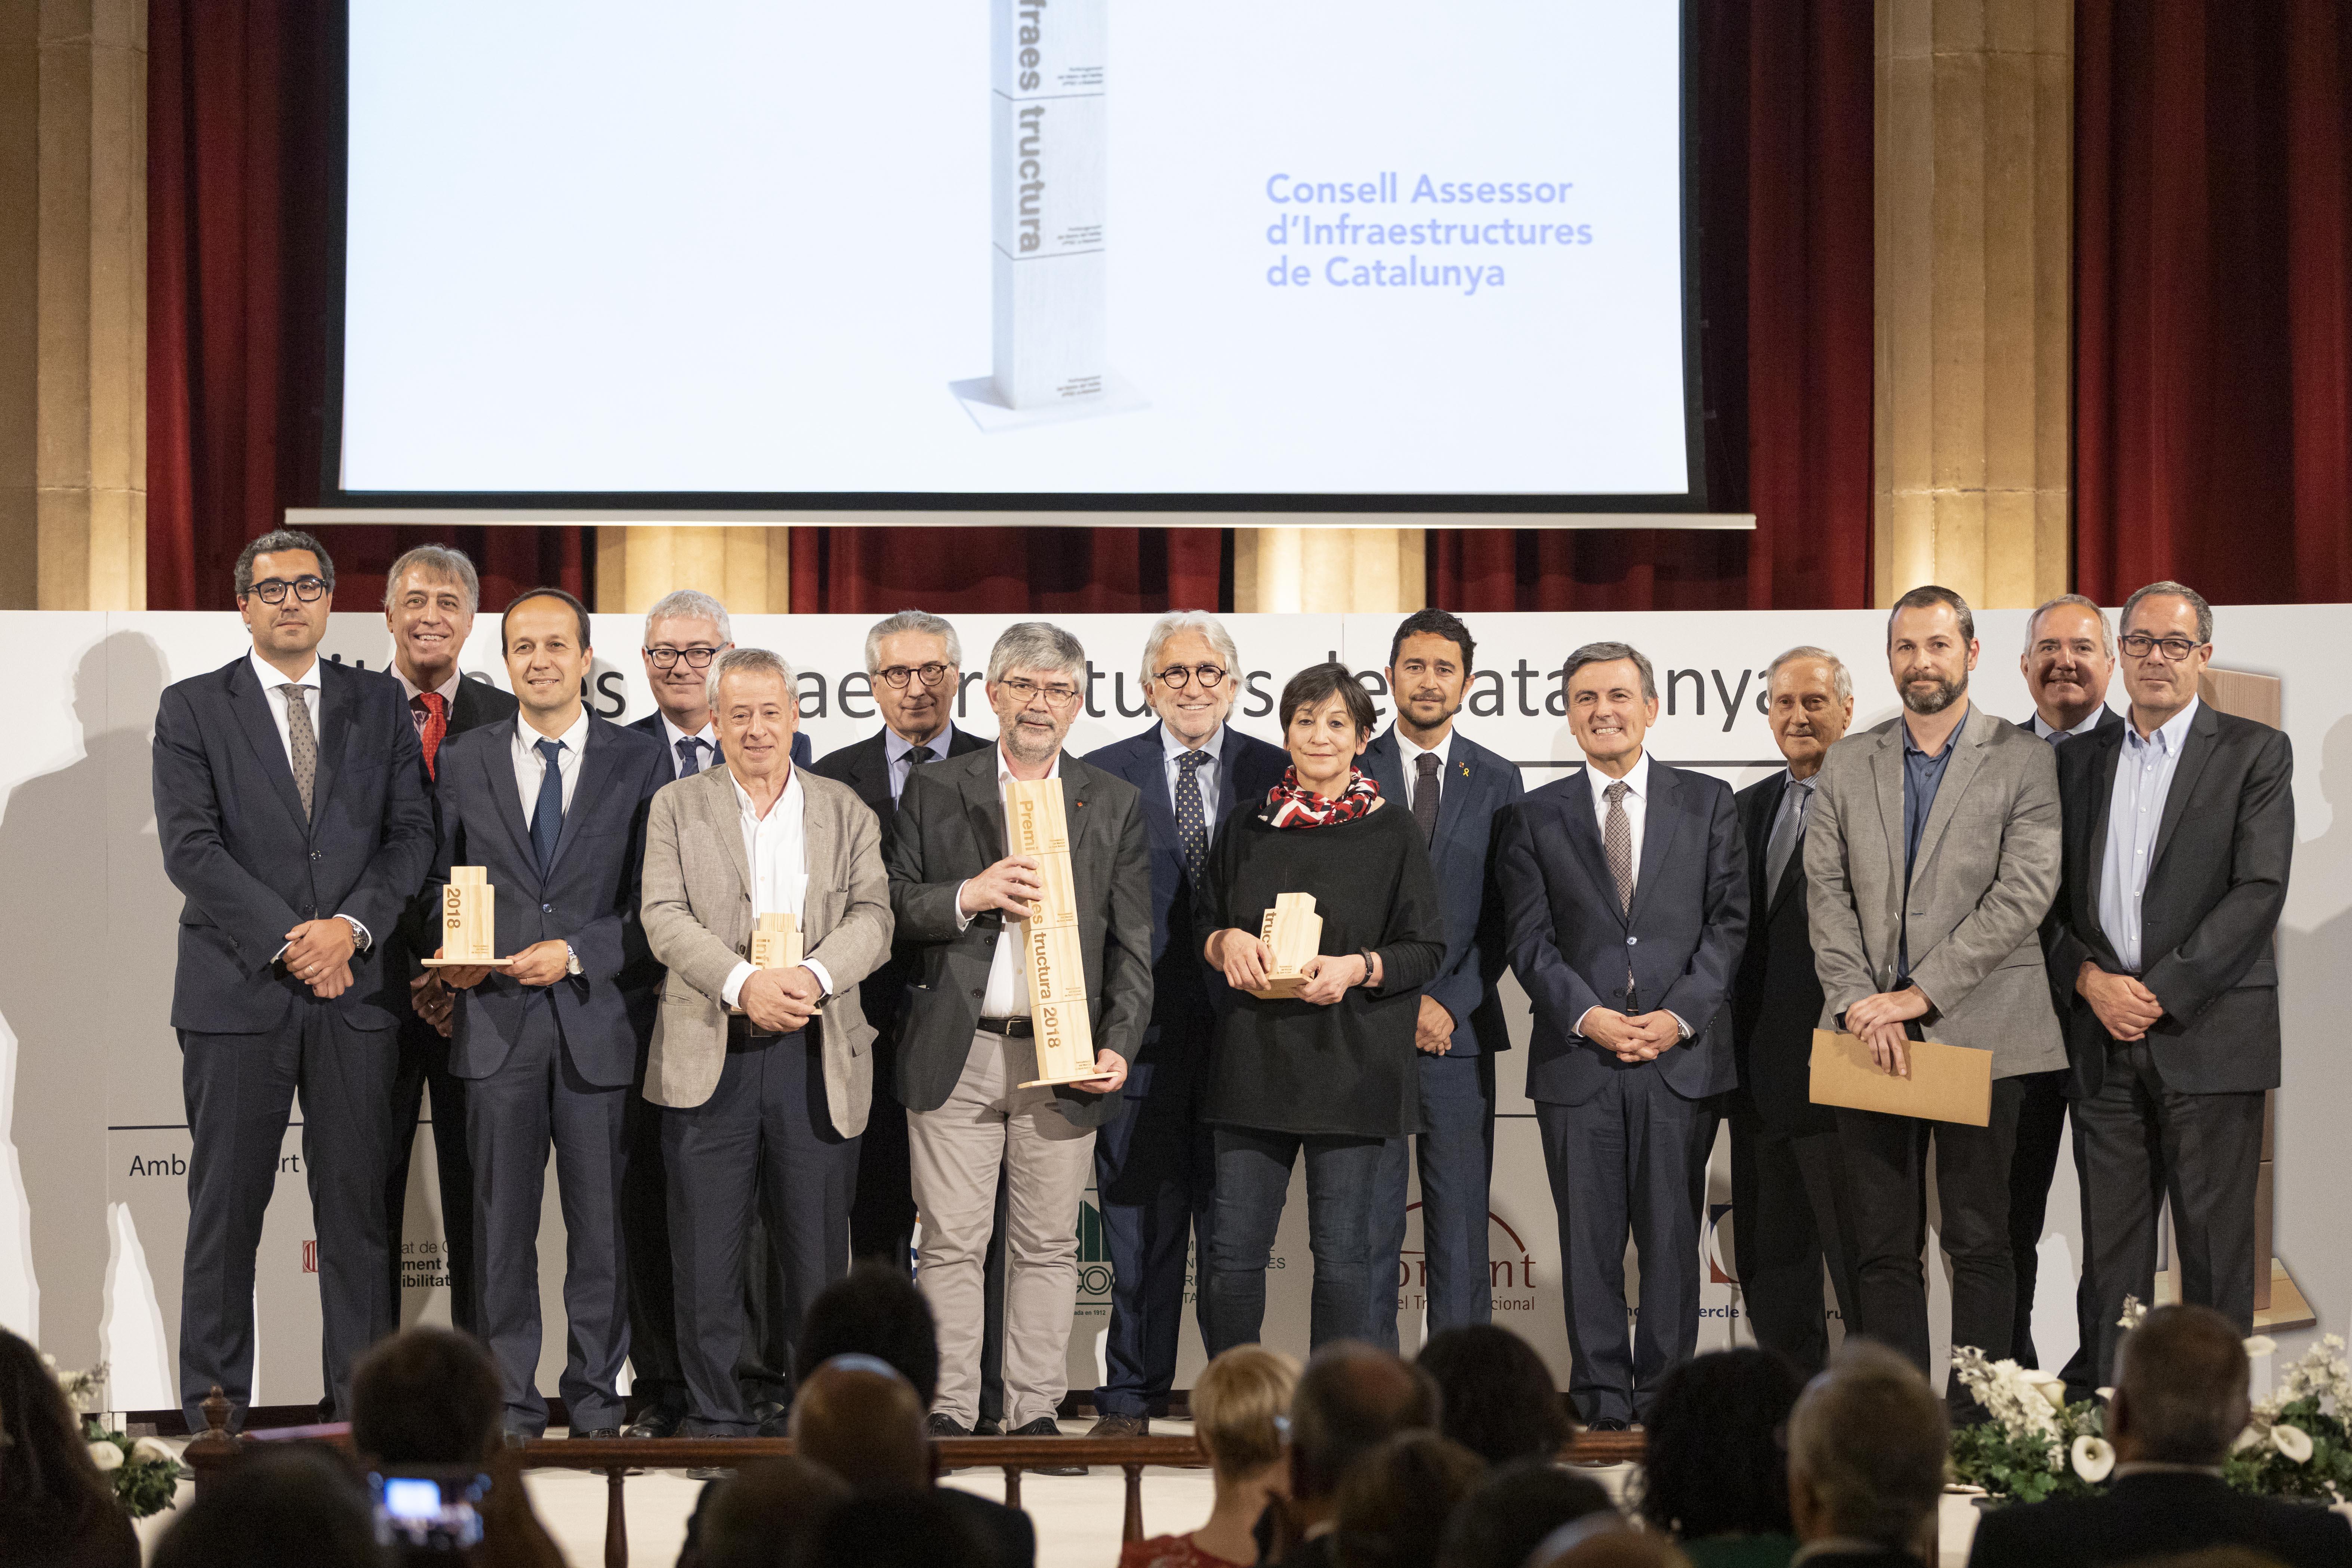 La remodelació del Mercat de Sant Antoni guanya el Premi a la Millor Infraestructura 2018